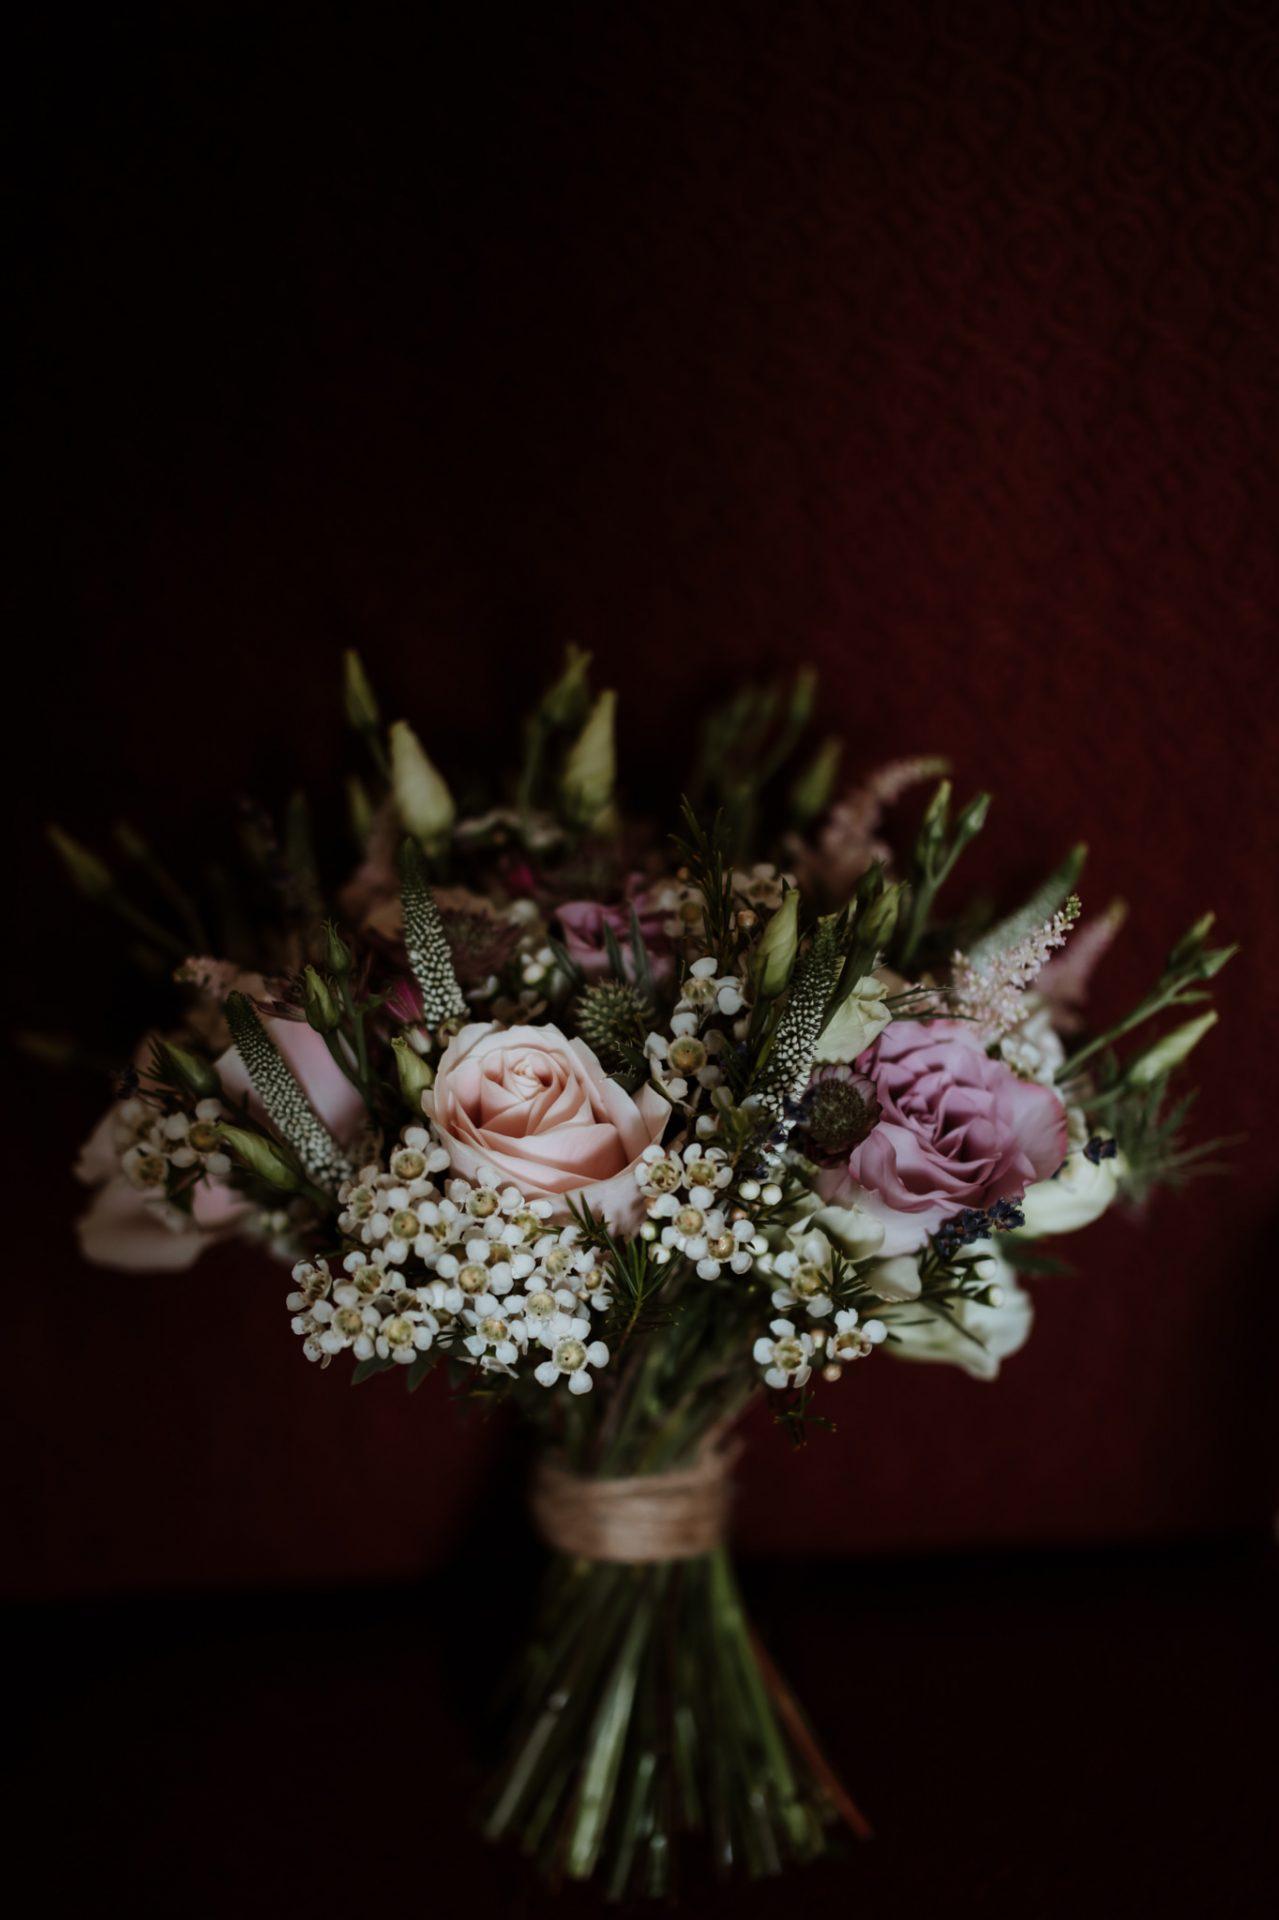 rustic vintage style wedding flowers